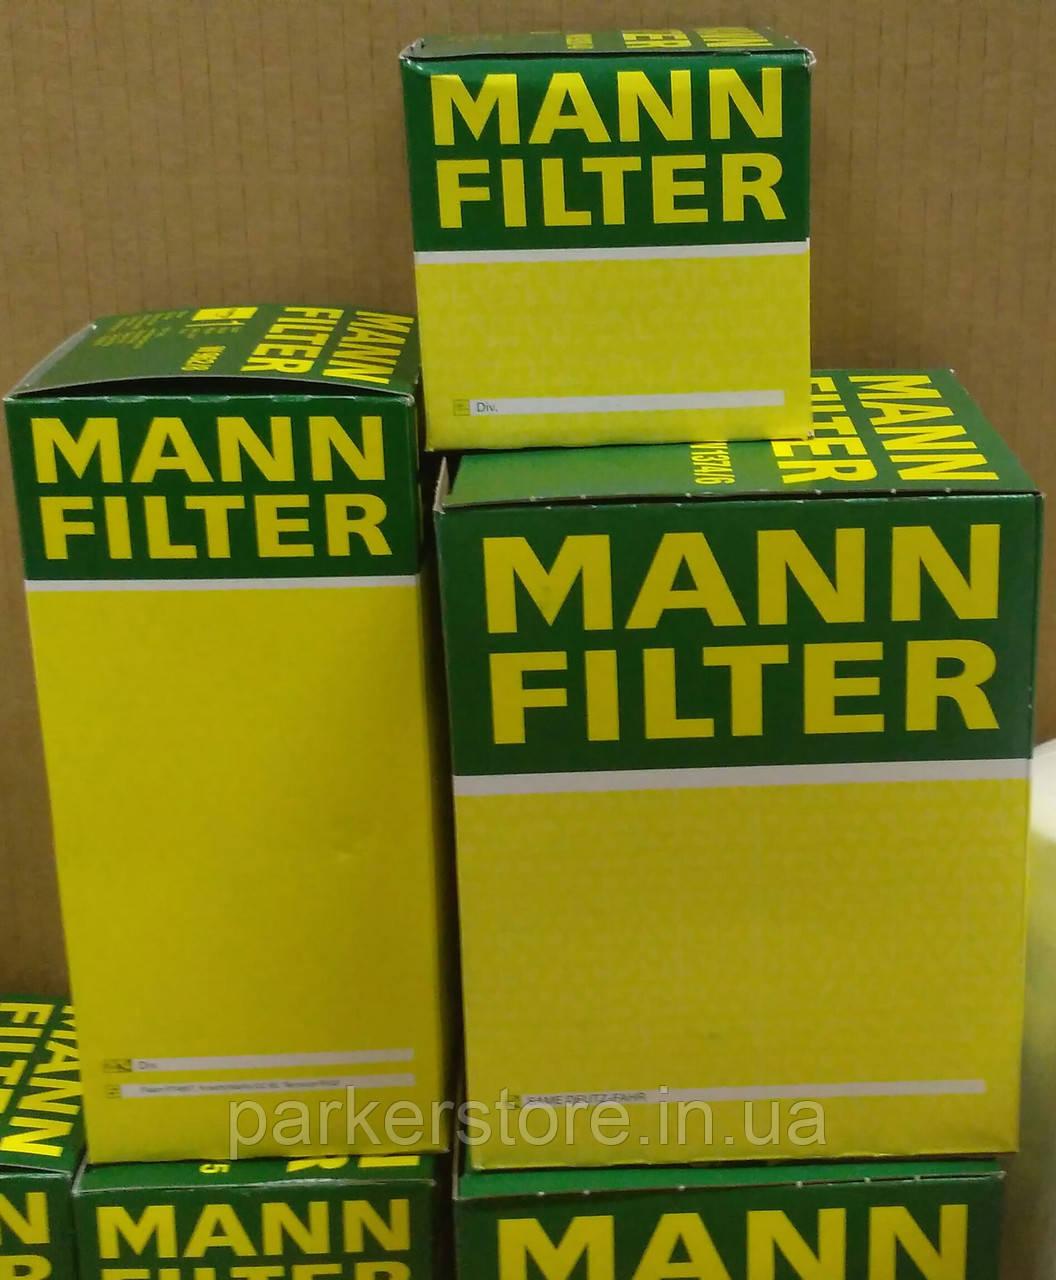 MANN FILTER / Повітряний фільтр / C 27 187 / C27187